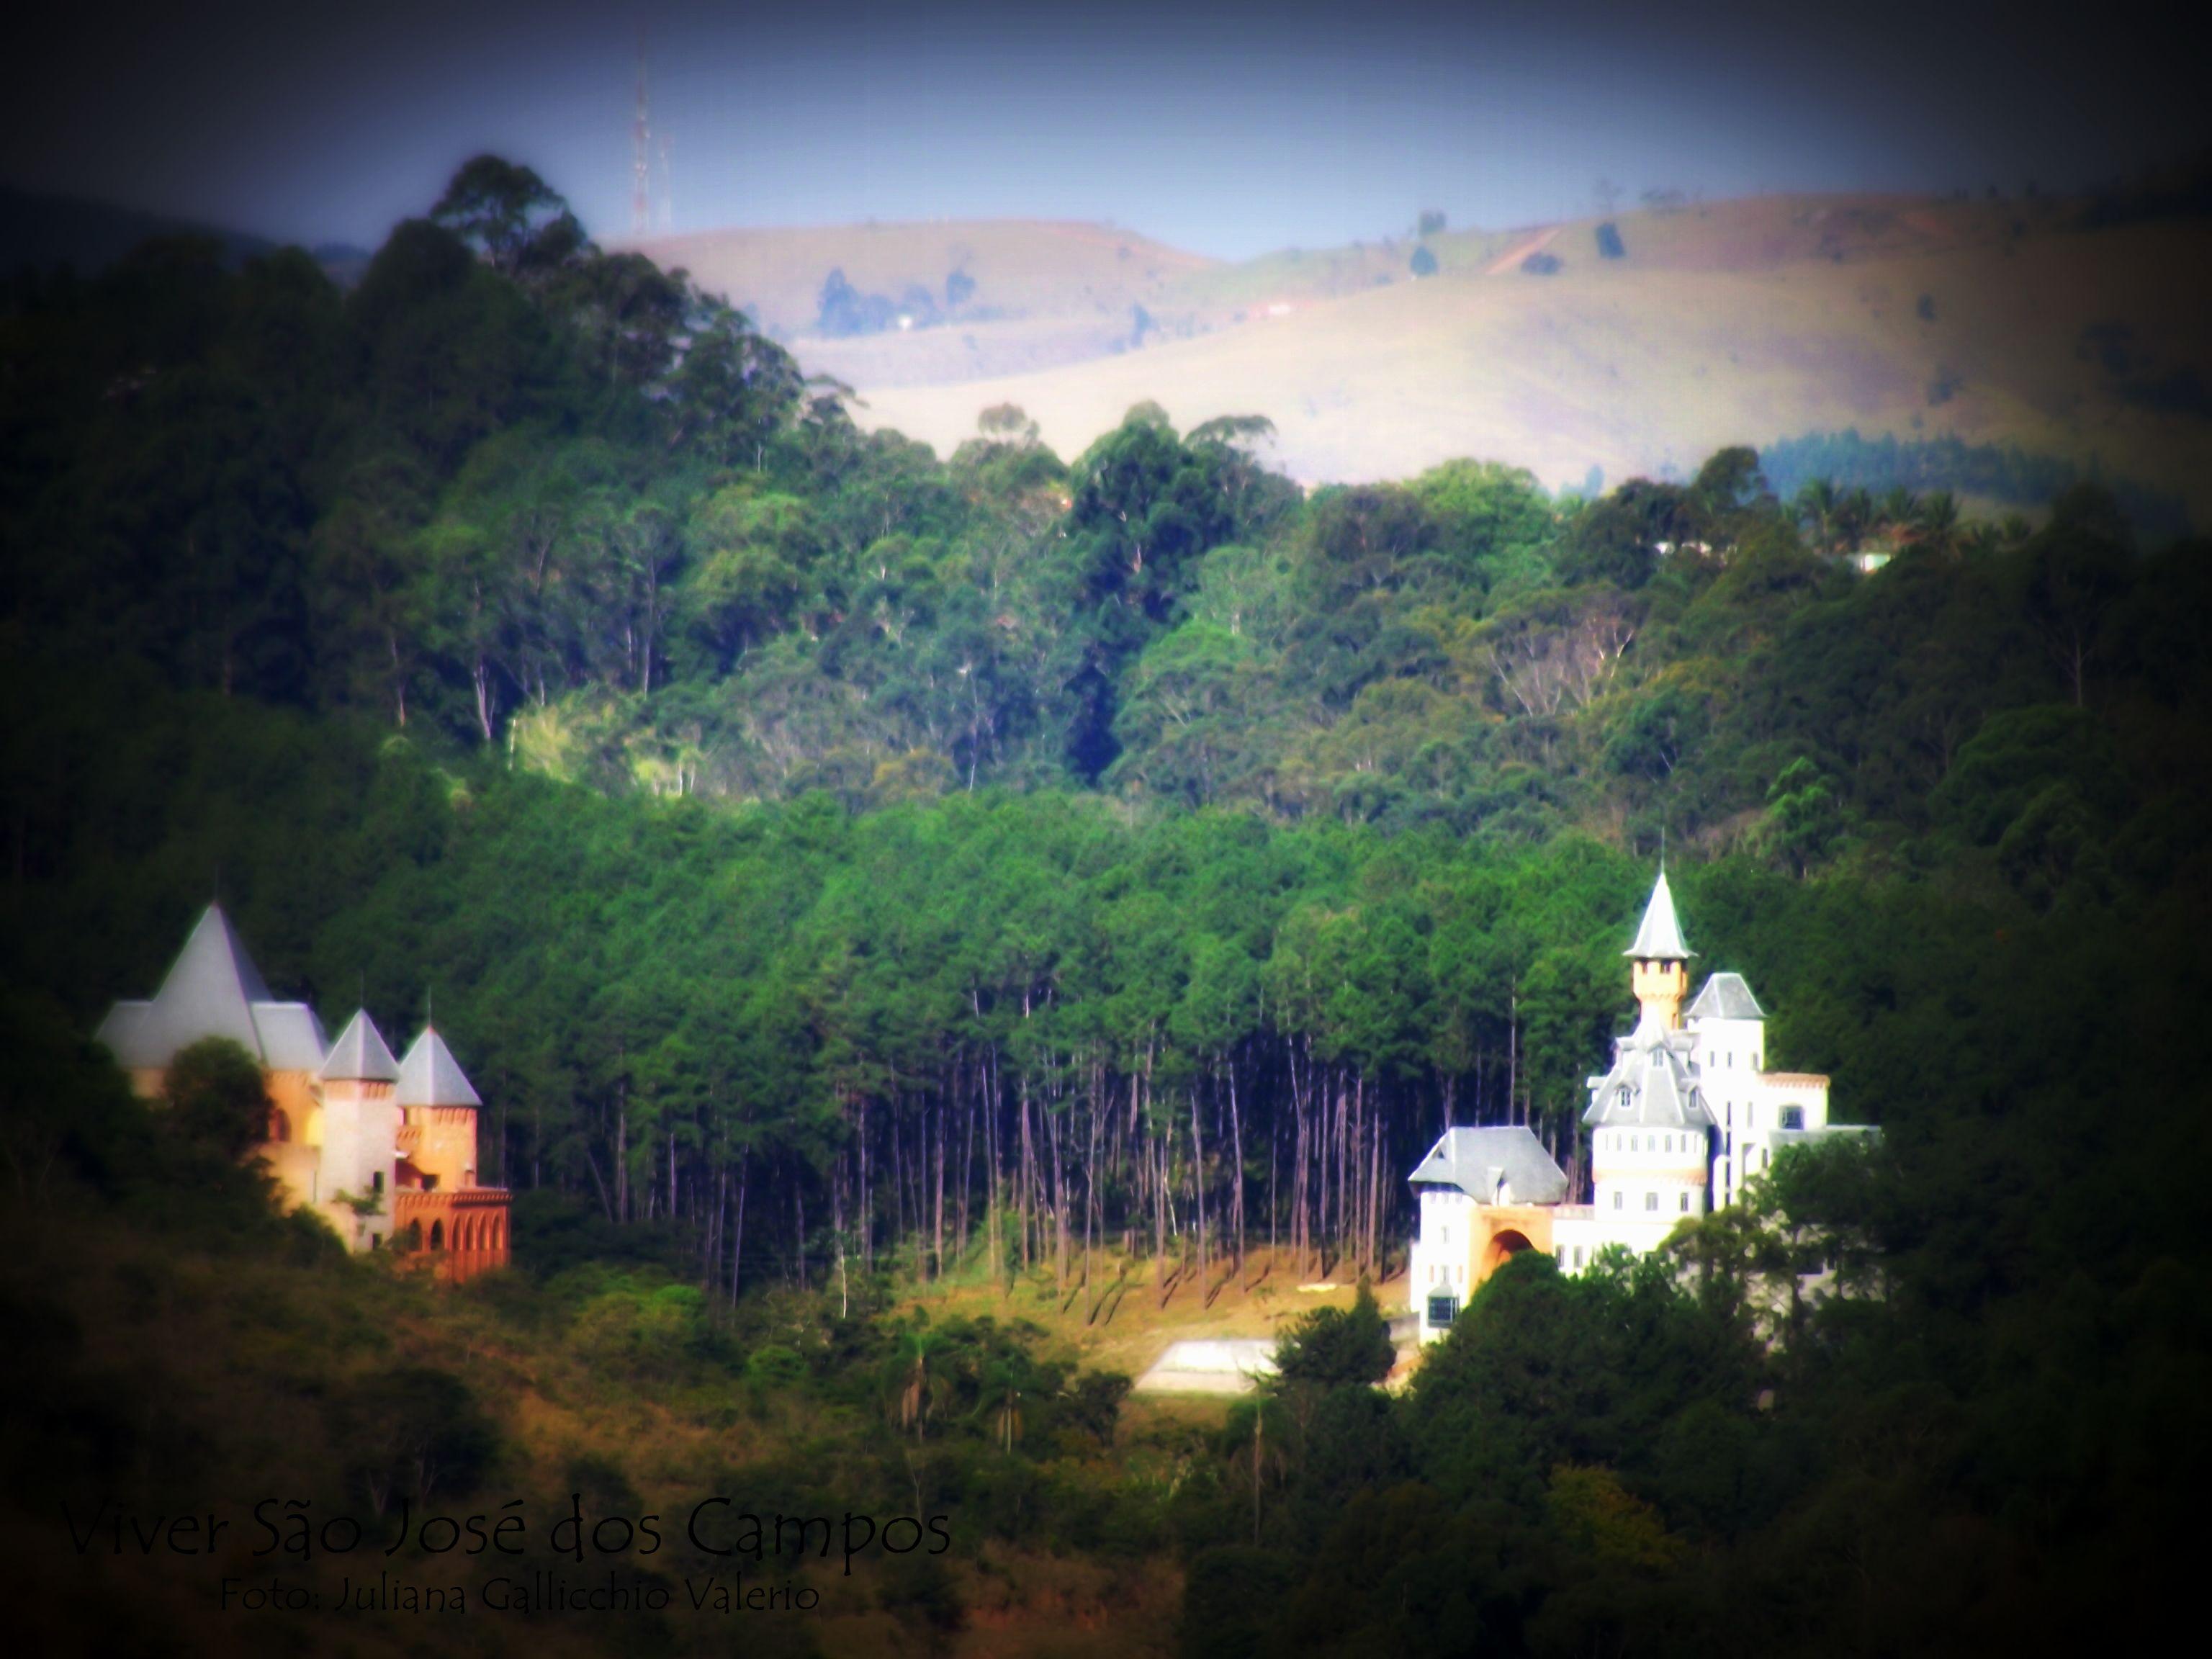 Minha cidade tem castelos no bairro Torrão de Ouro